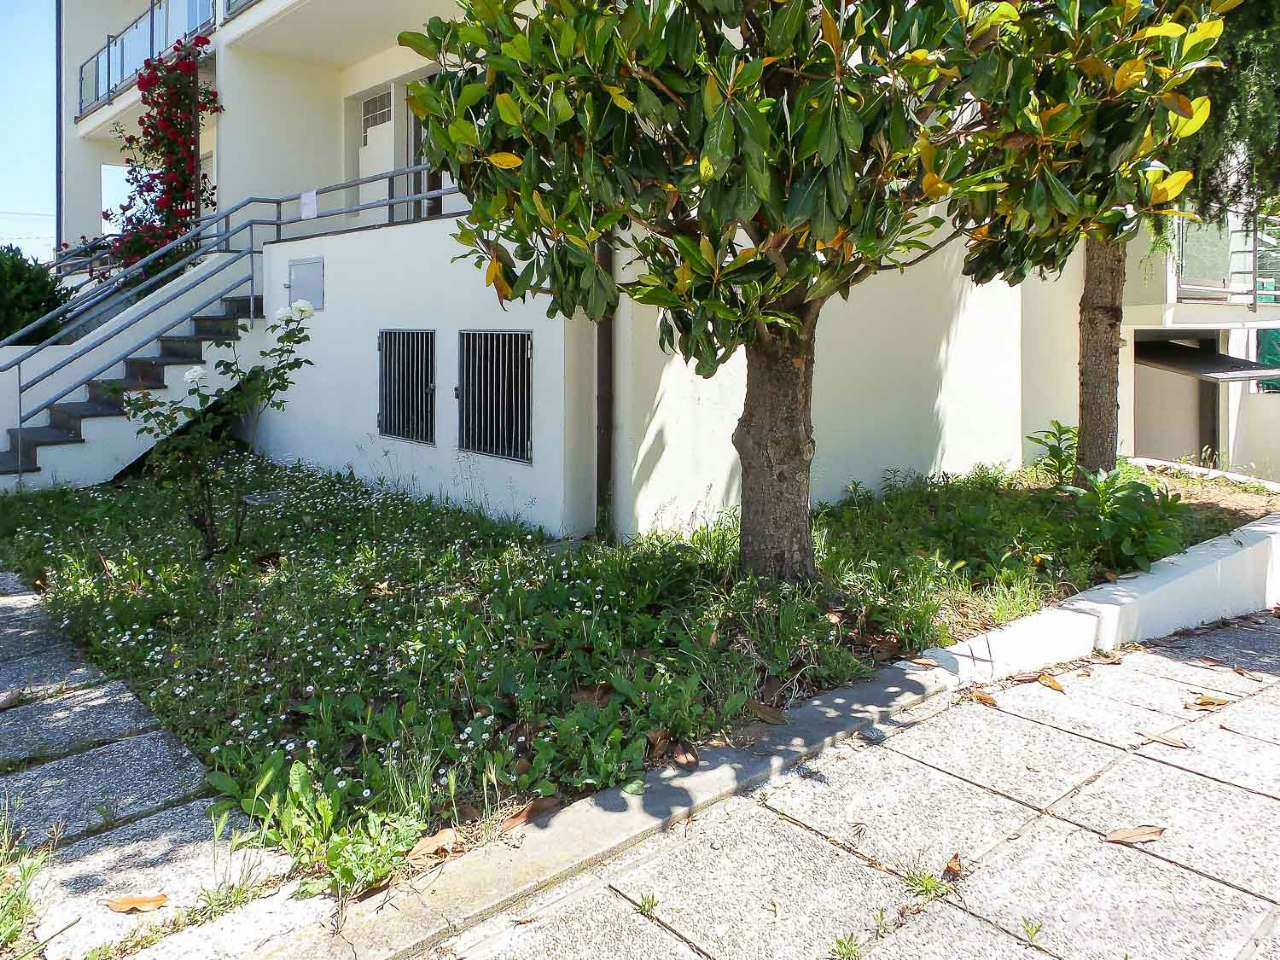 Villa Bifamiliare in vendita a Cesena, 7 locali, prezzo € 205.000 | CambioCasa.it